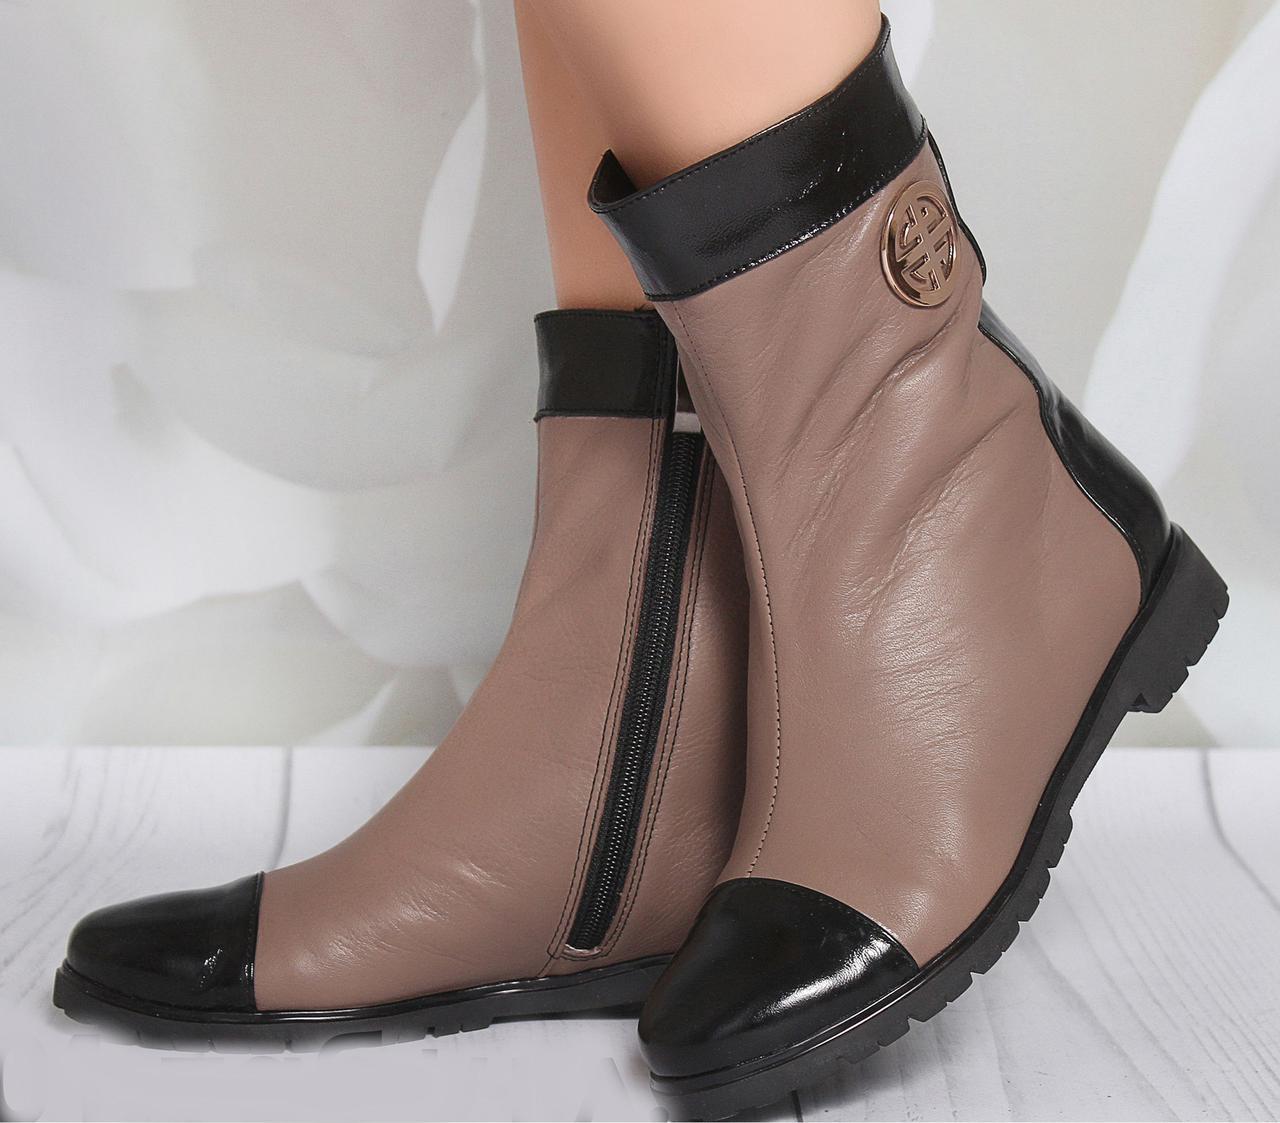 Ботинки на каблуке, из натуральной кожи, замша, лака, на молнии. Семь цветов! Размеры 36-41 модель s2001